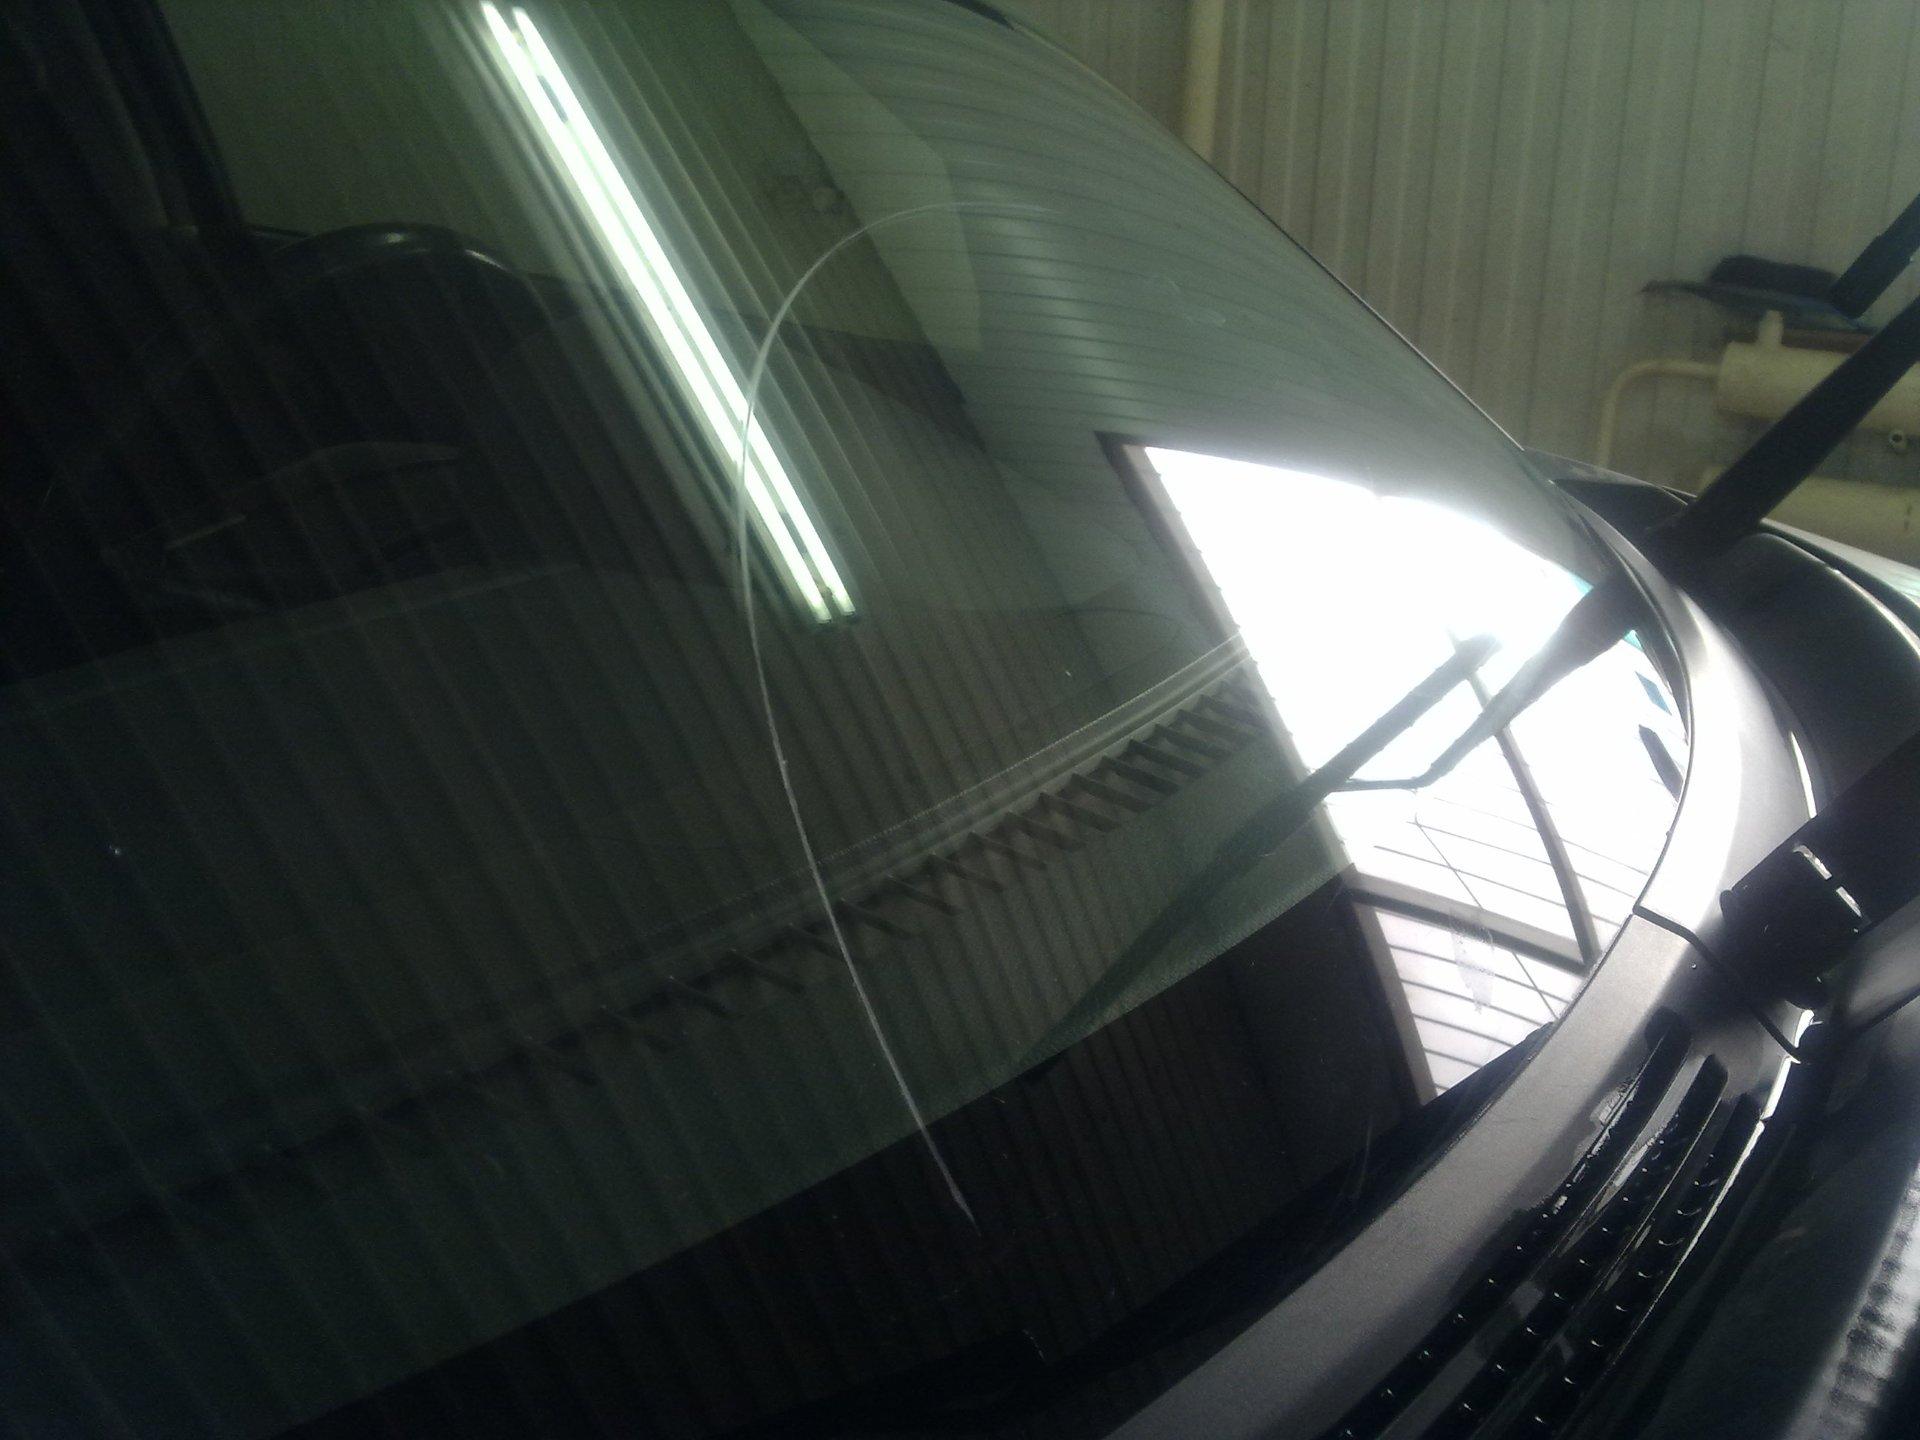 Царапины на лобовом стекле автомобиля